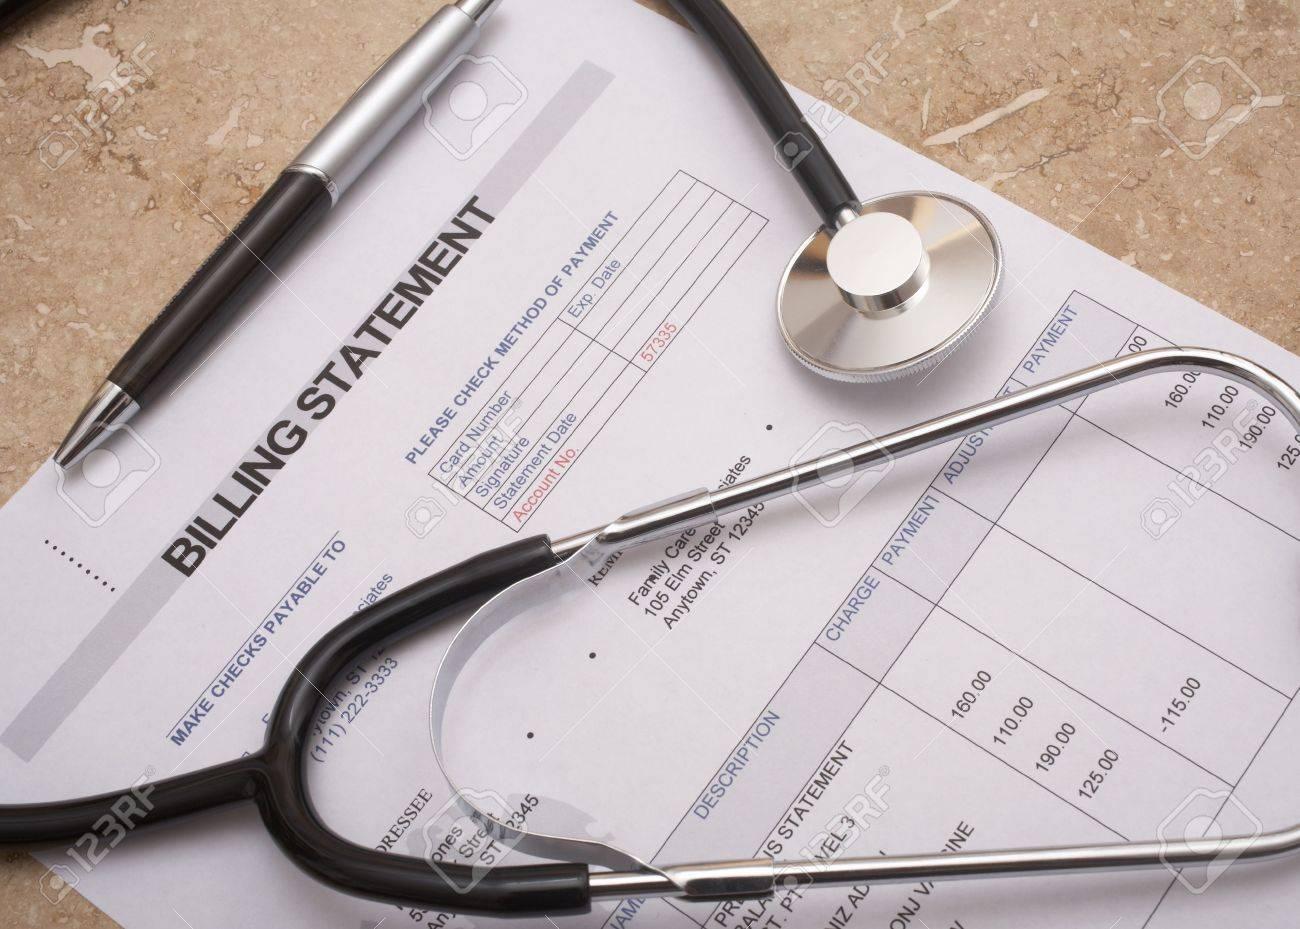 Stethoskop Auf Medizinische Abrechnung Erklärung Zur Tabelle Werden ...